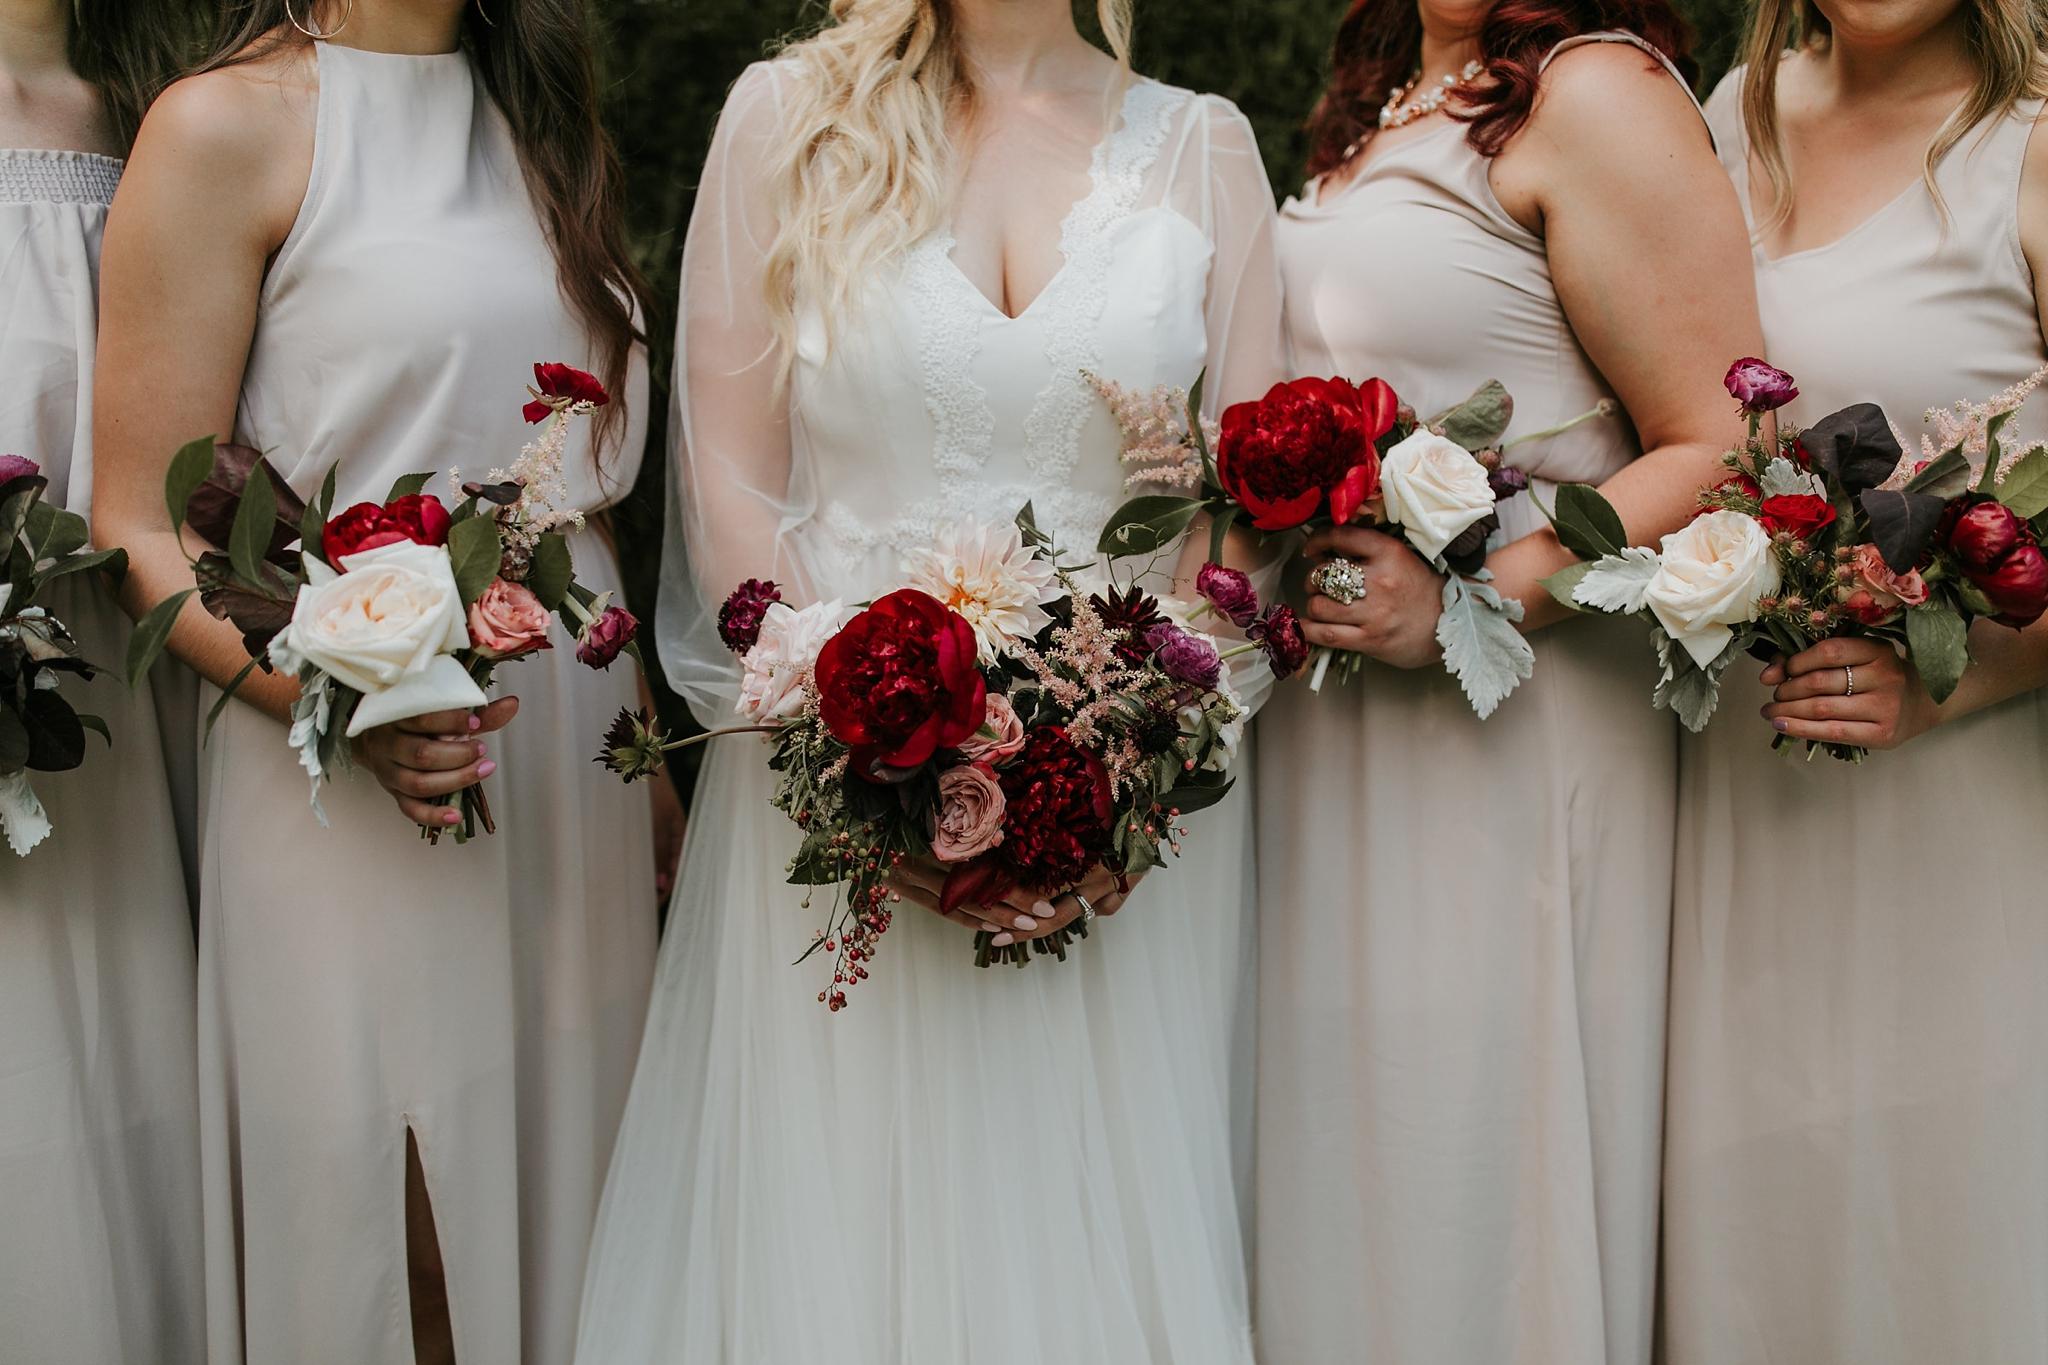 Alicia+lucia+photography+-+albuquerque+wedding+photographer+-+santa+fe+wedding+photography+-+new+mexico+wedding+photographer+-+new+mexico+wedding+-+new+mexico+wedding+-+colorado+wedding+-+bridesmaids+-+bridesmaid+style_0033.jpg